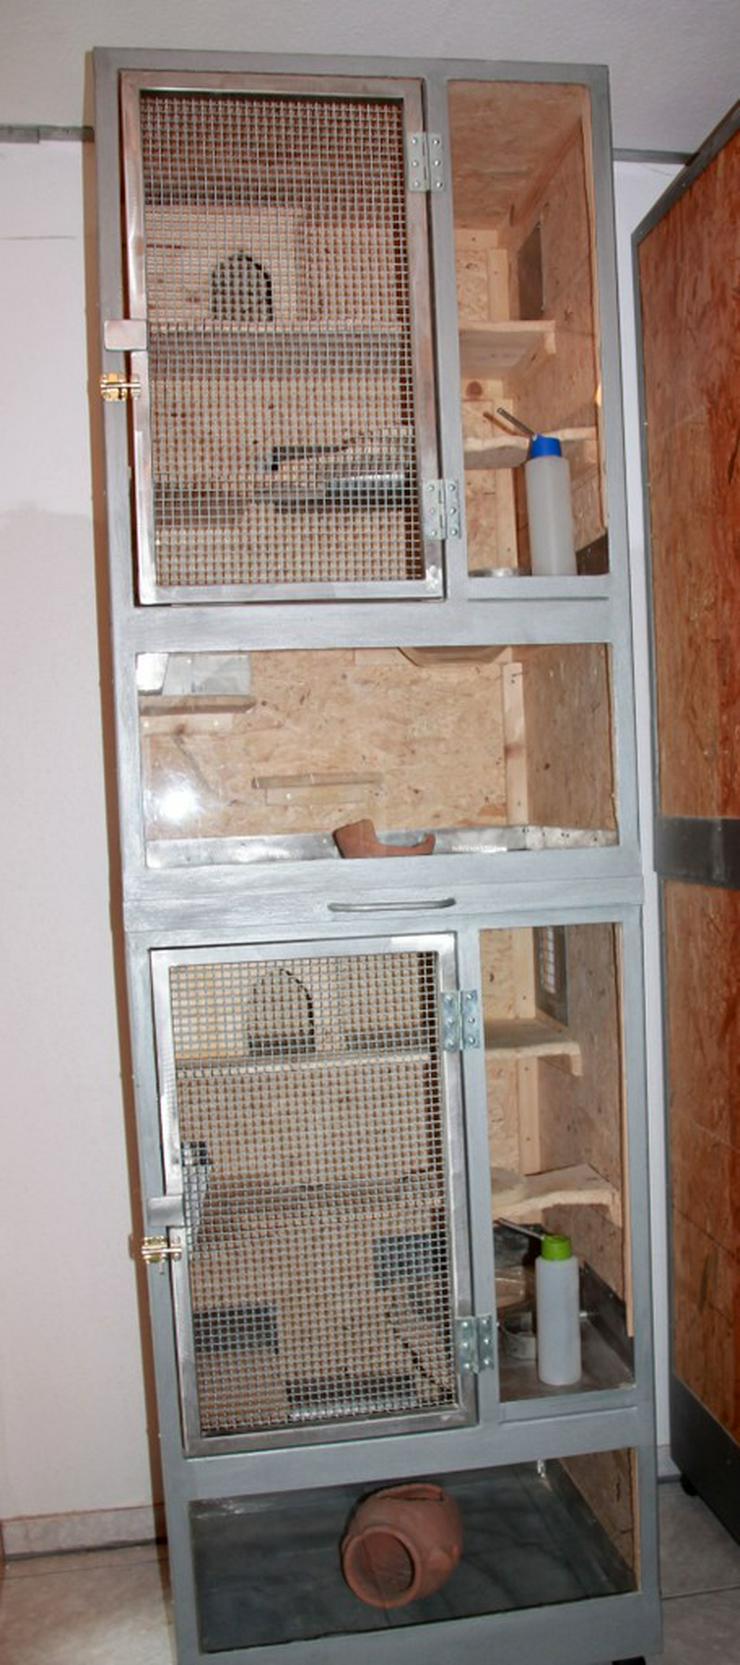 Käfig für Chinchillas - 1 oder 2 Boxen - Bild 1